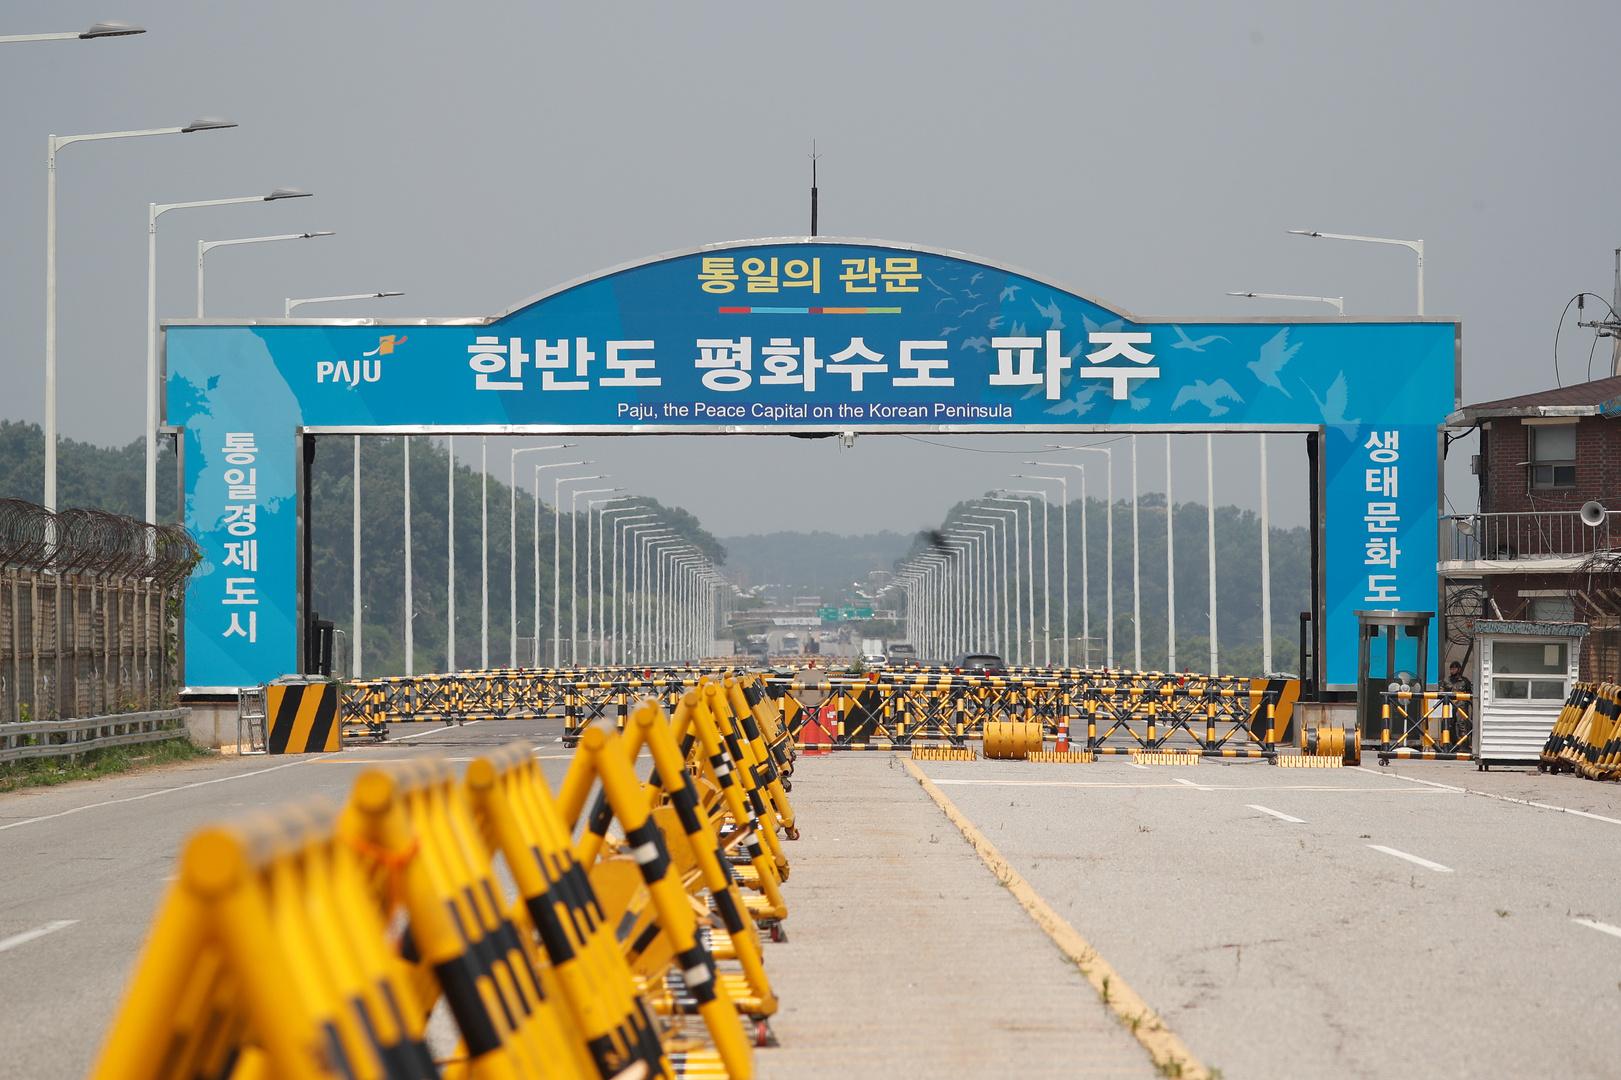 مصادر كورية جنوبية: العثور على  بدلة غوص وزعانف سباحة حيث تم القبض على كوري شمالي هارب